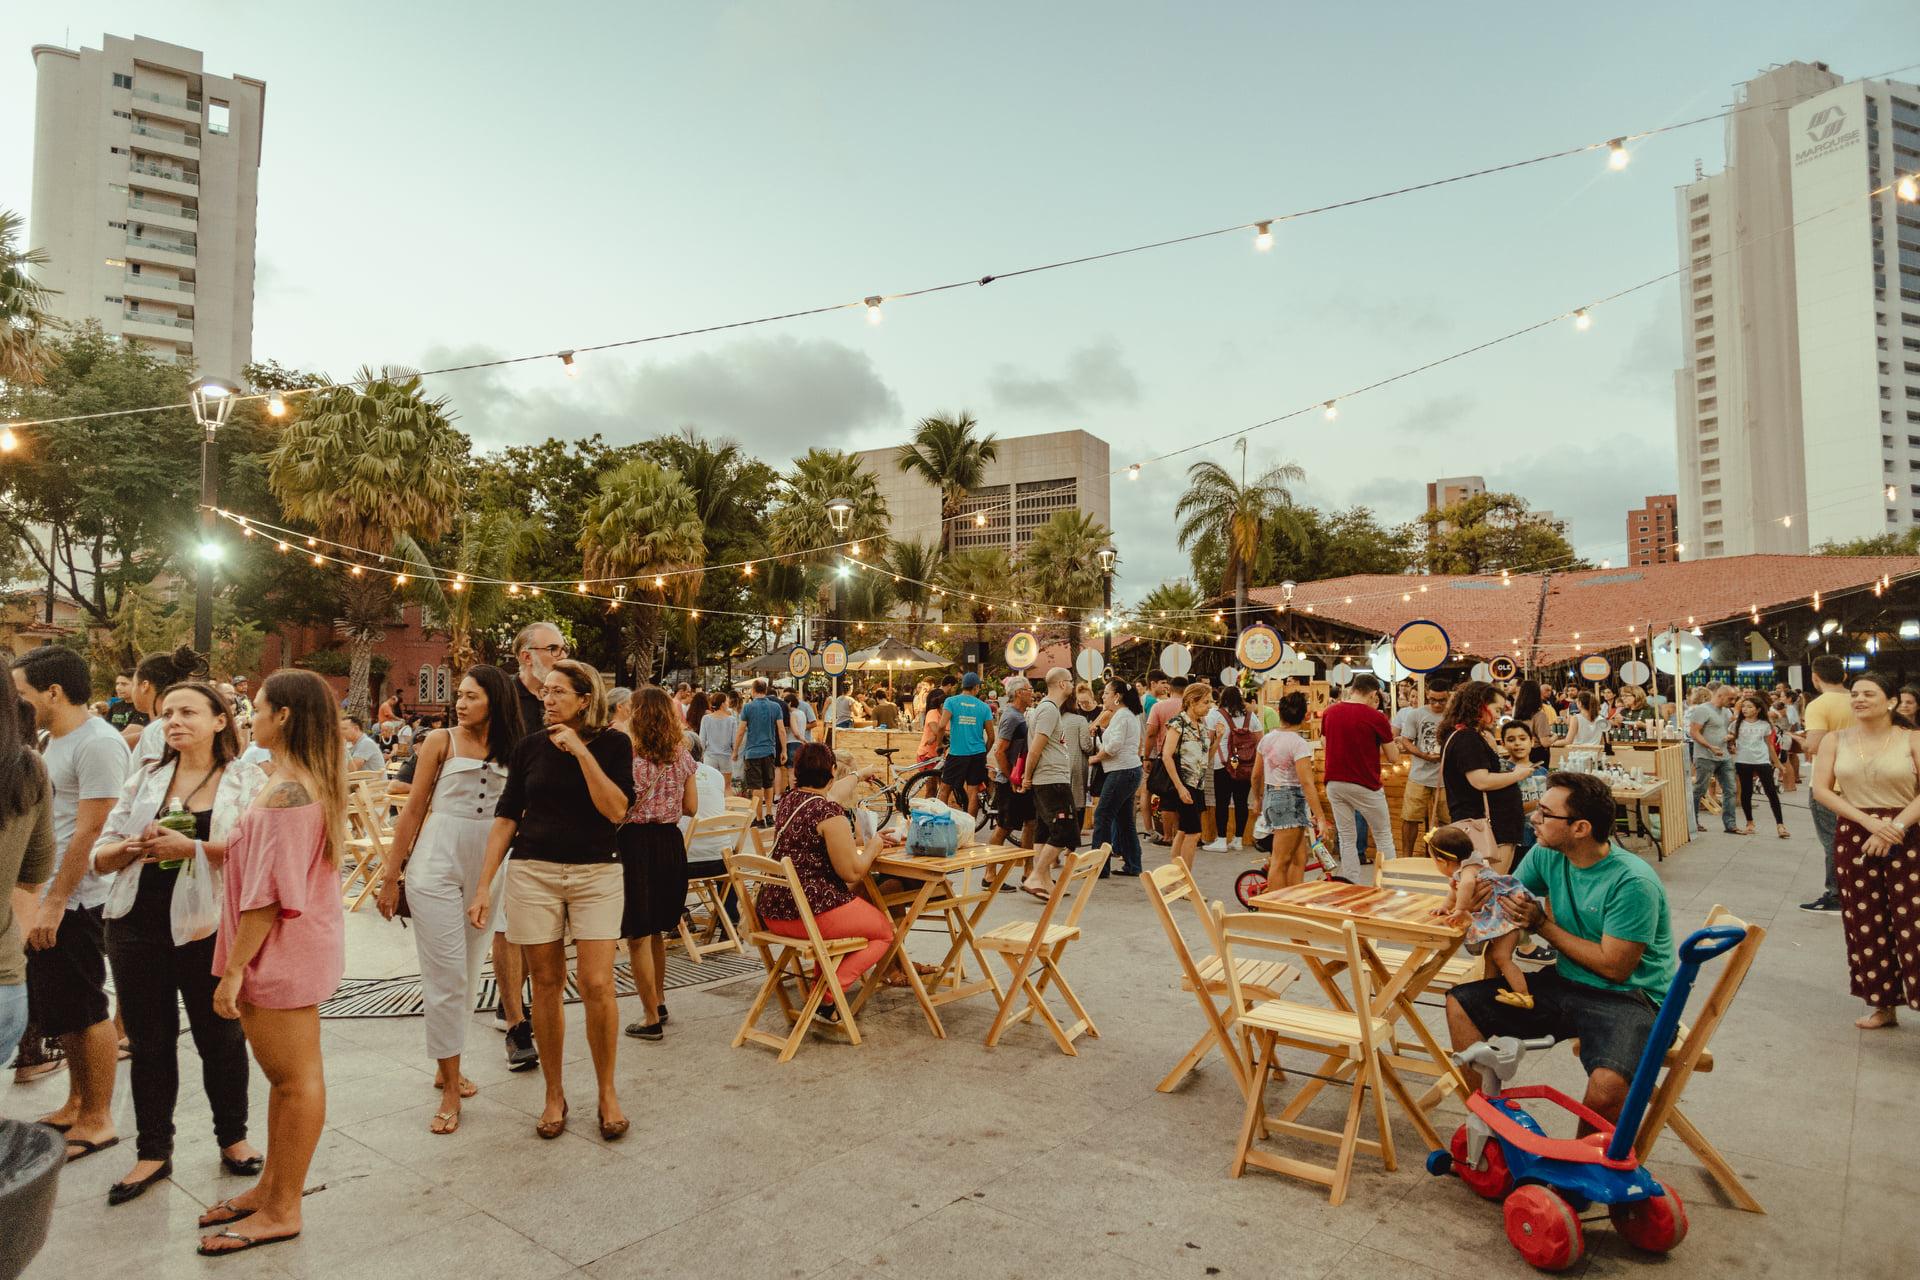 O Festival Navegano acontece em Fortaleza desde 2018, reunindo produtores locais (Foto: Divulgação/Festival Navegano)